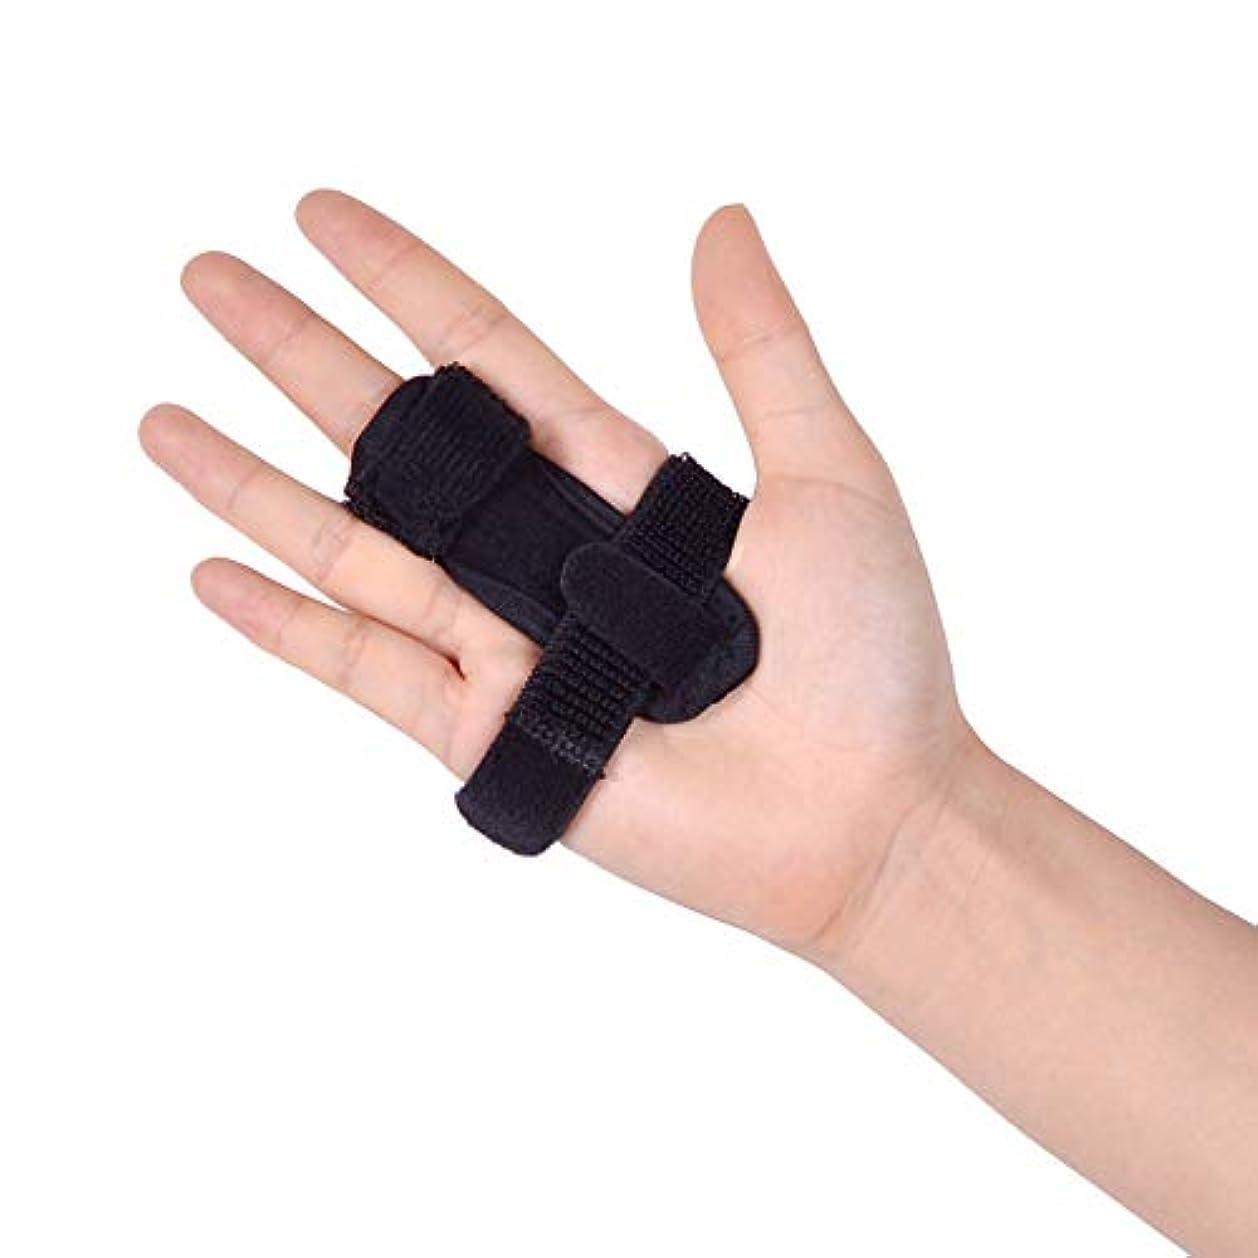 伝染病時間厳守スラッシュ指関節炎外反母趾矯正補助伸展矯正関節炎マレットナックルブレース用剛性捻挫ナックルペインリリーフフィンガーサポートトレーニングブレース